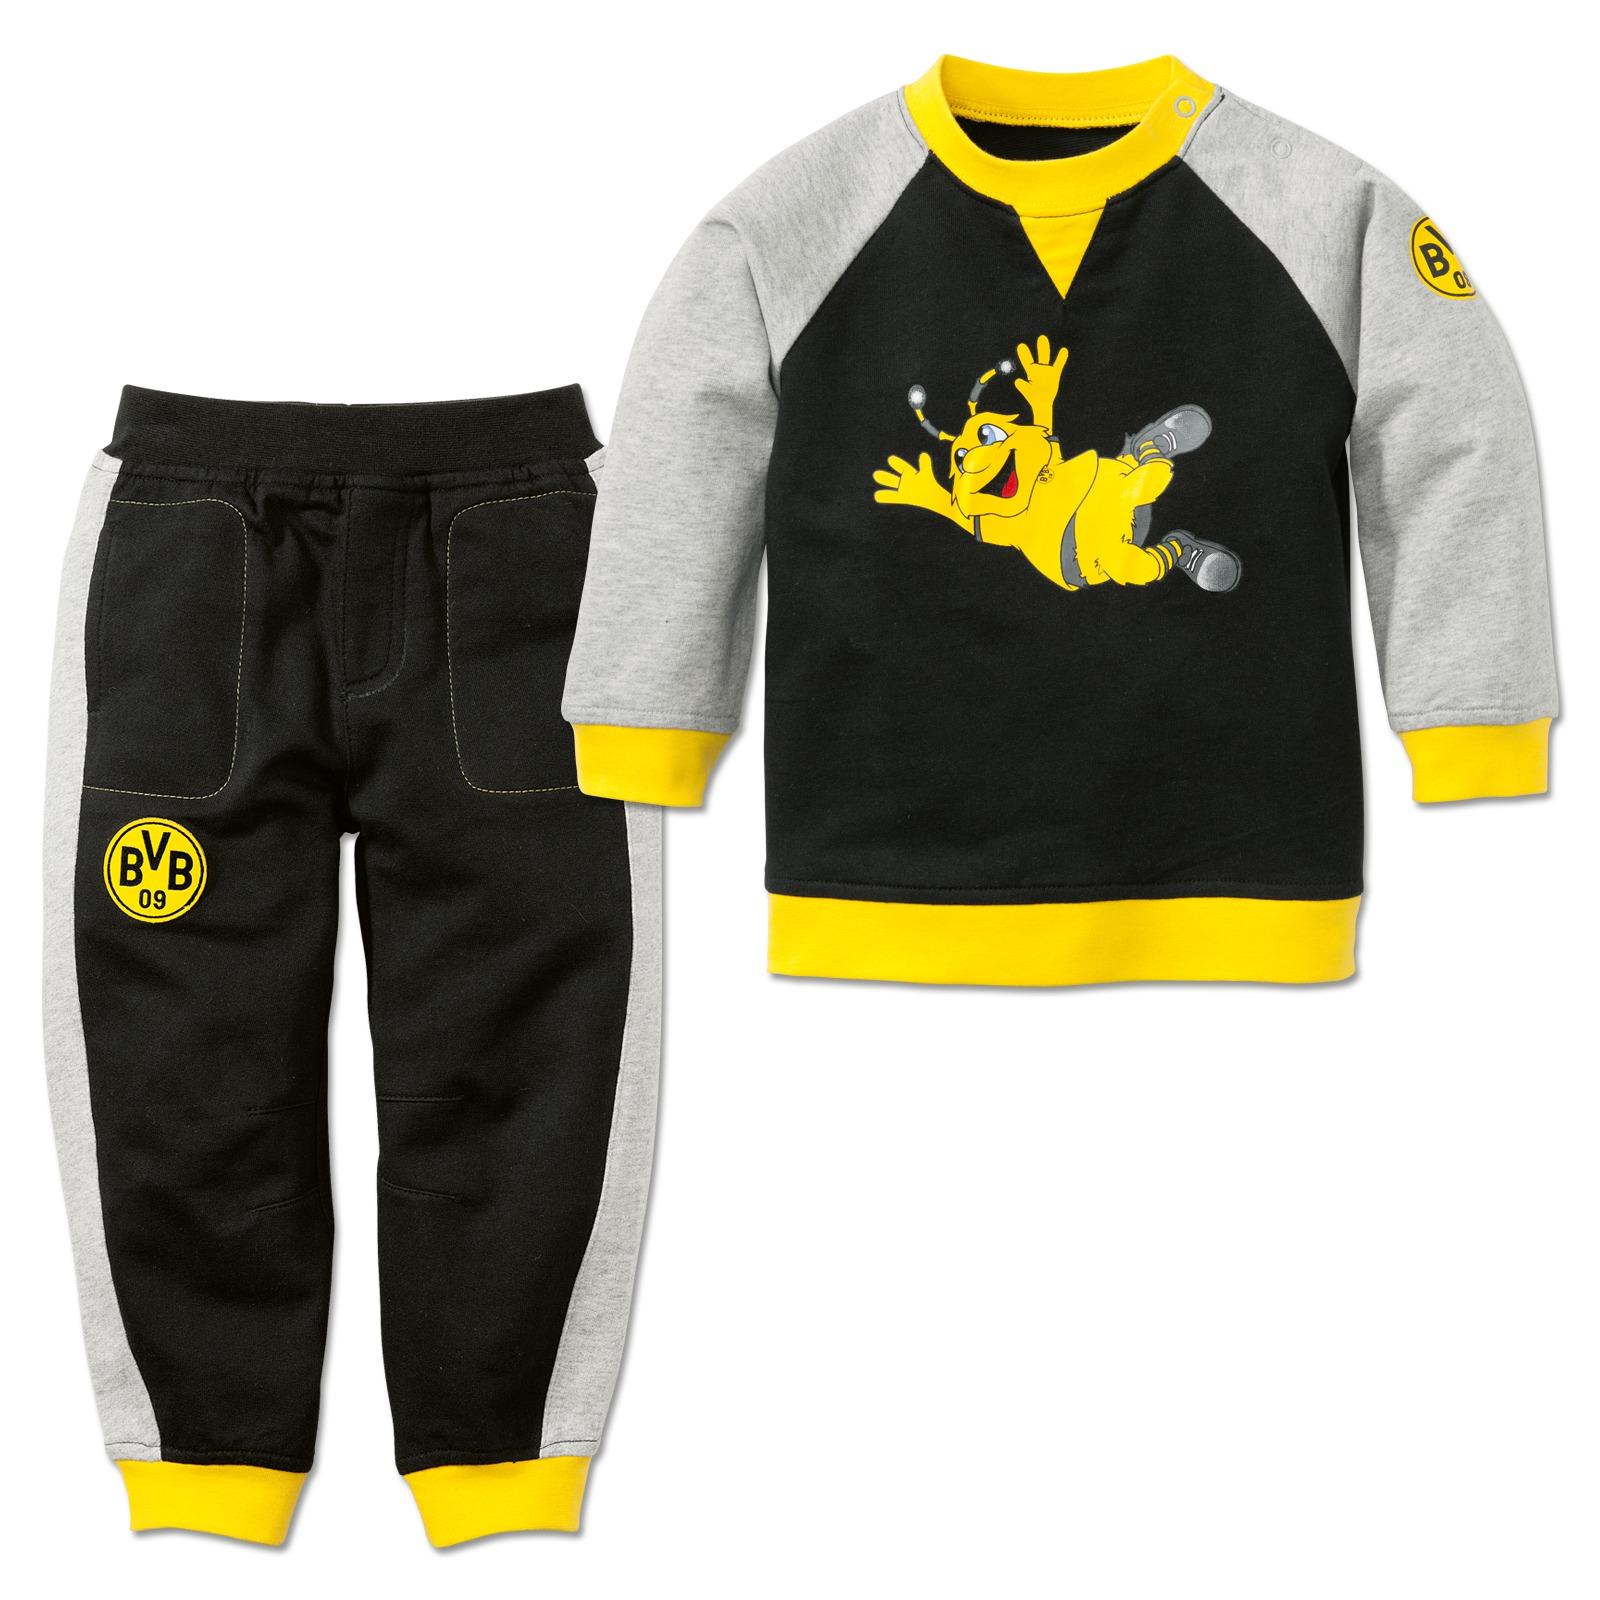 bvb jogger f r babys und kleinkinder baby kinder offizieller bvb online fanshop. Black Bedroom Furniture Sets. Home Design Ideas